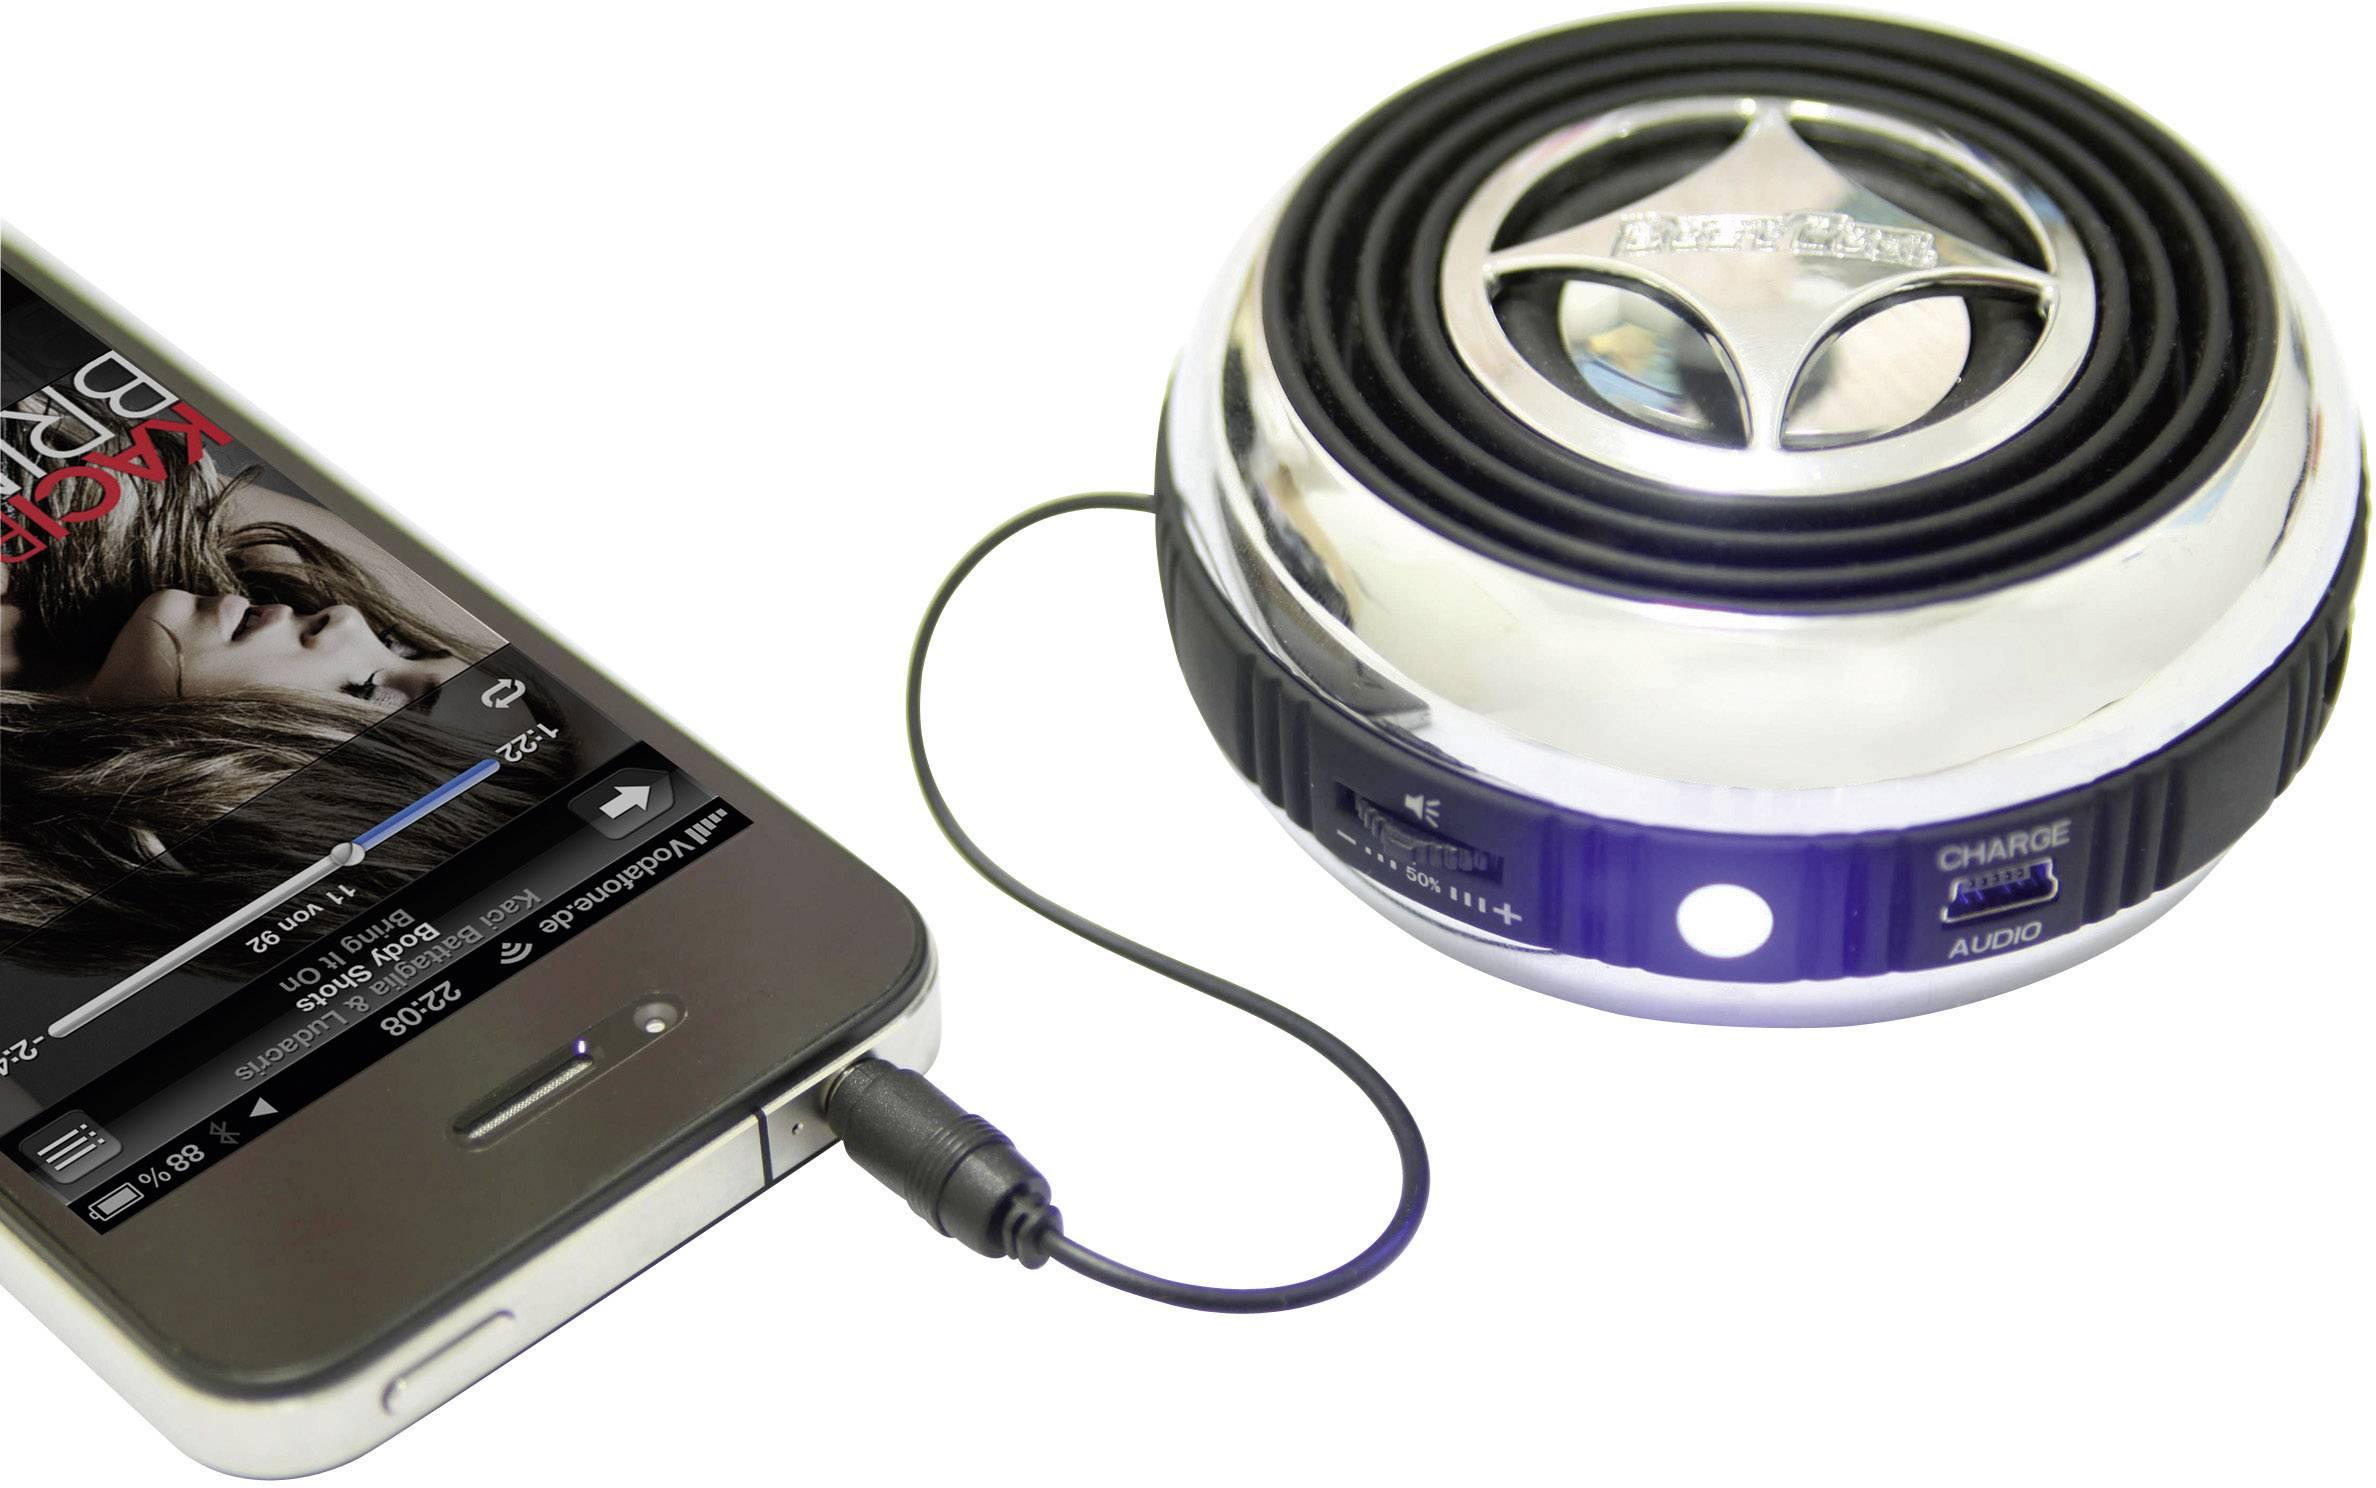 Príslušenstvo k MP3 a MP4 prehrávačom